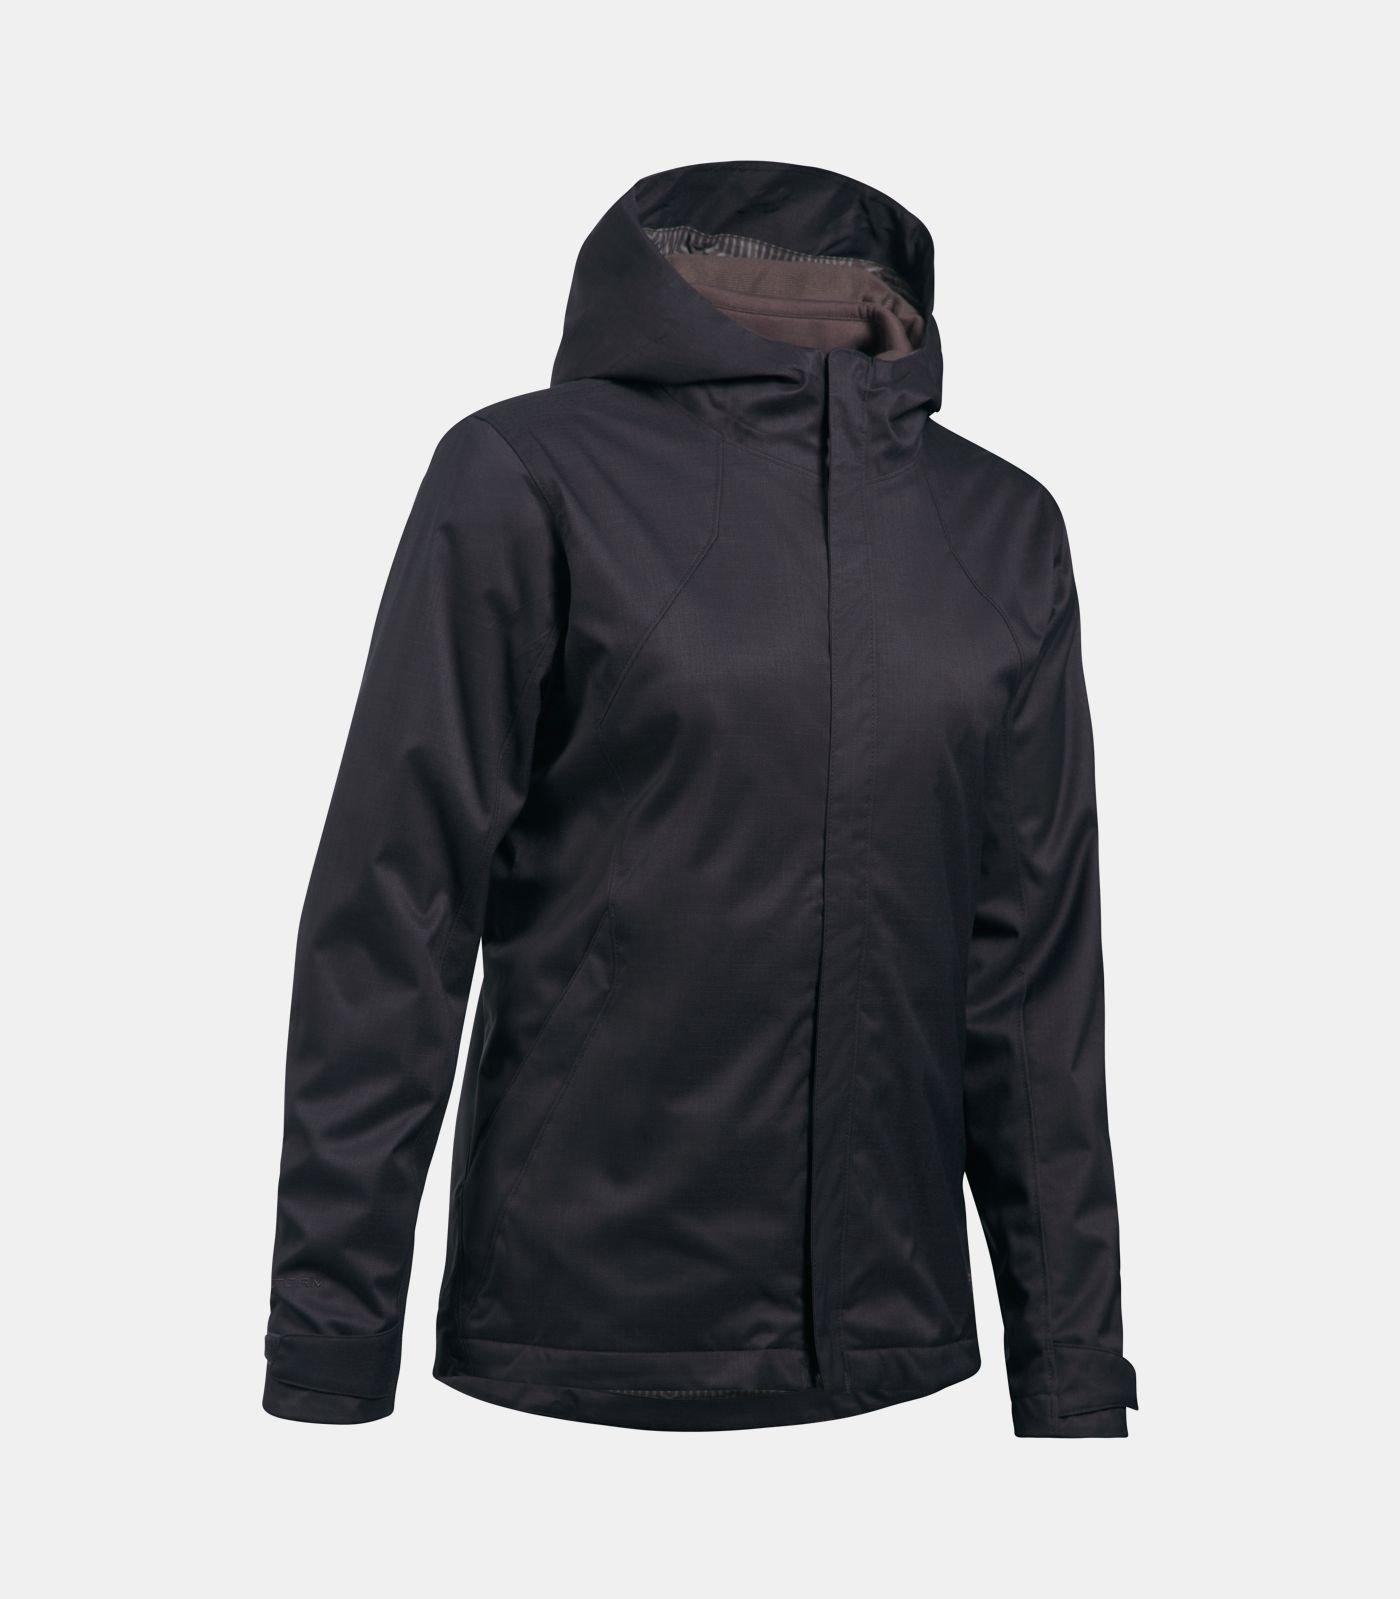 Under Armour Sienna 3-in-1 Women's Jacket